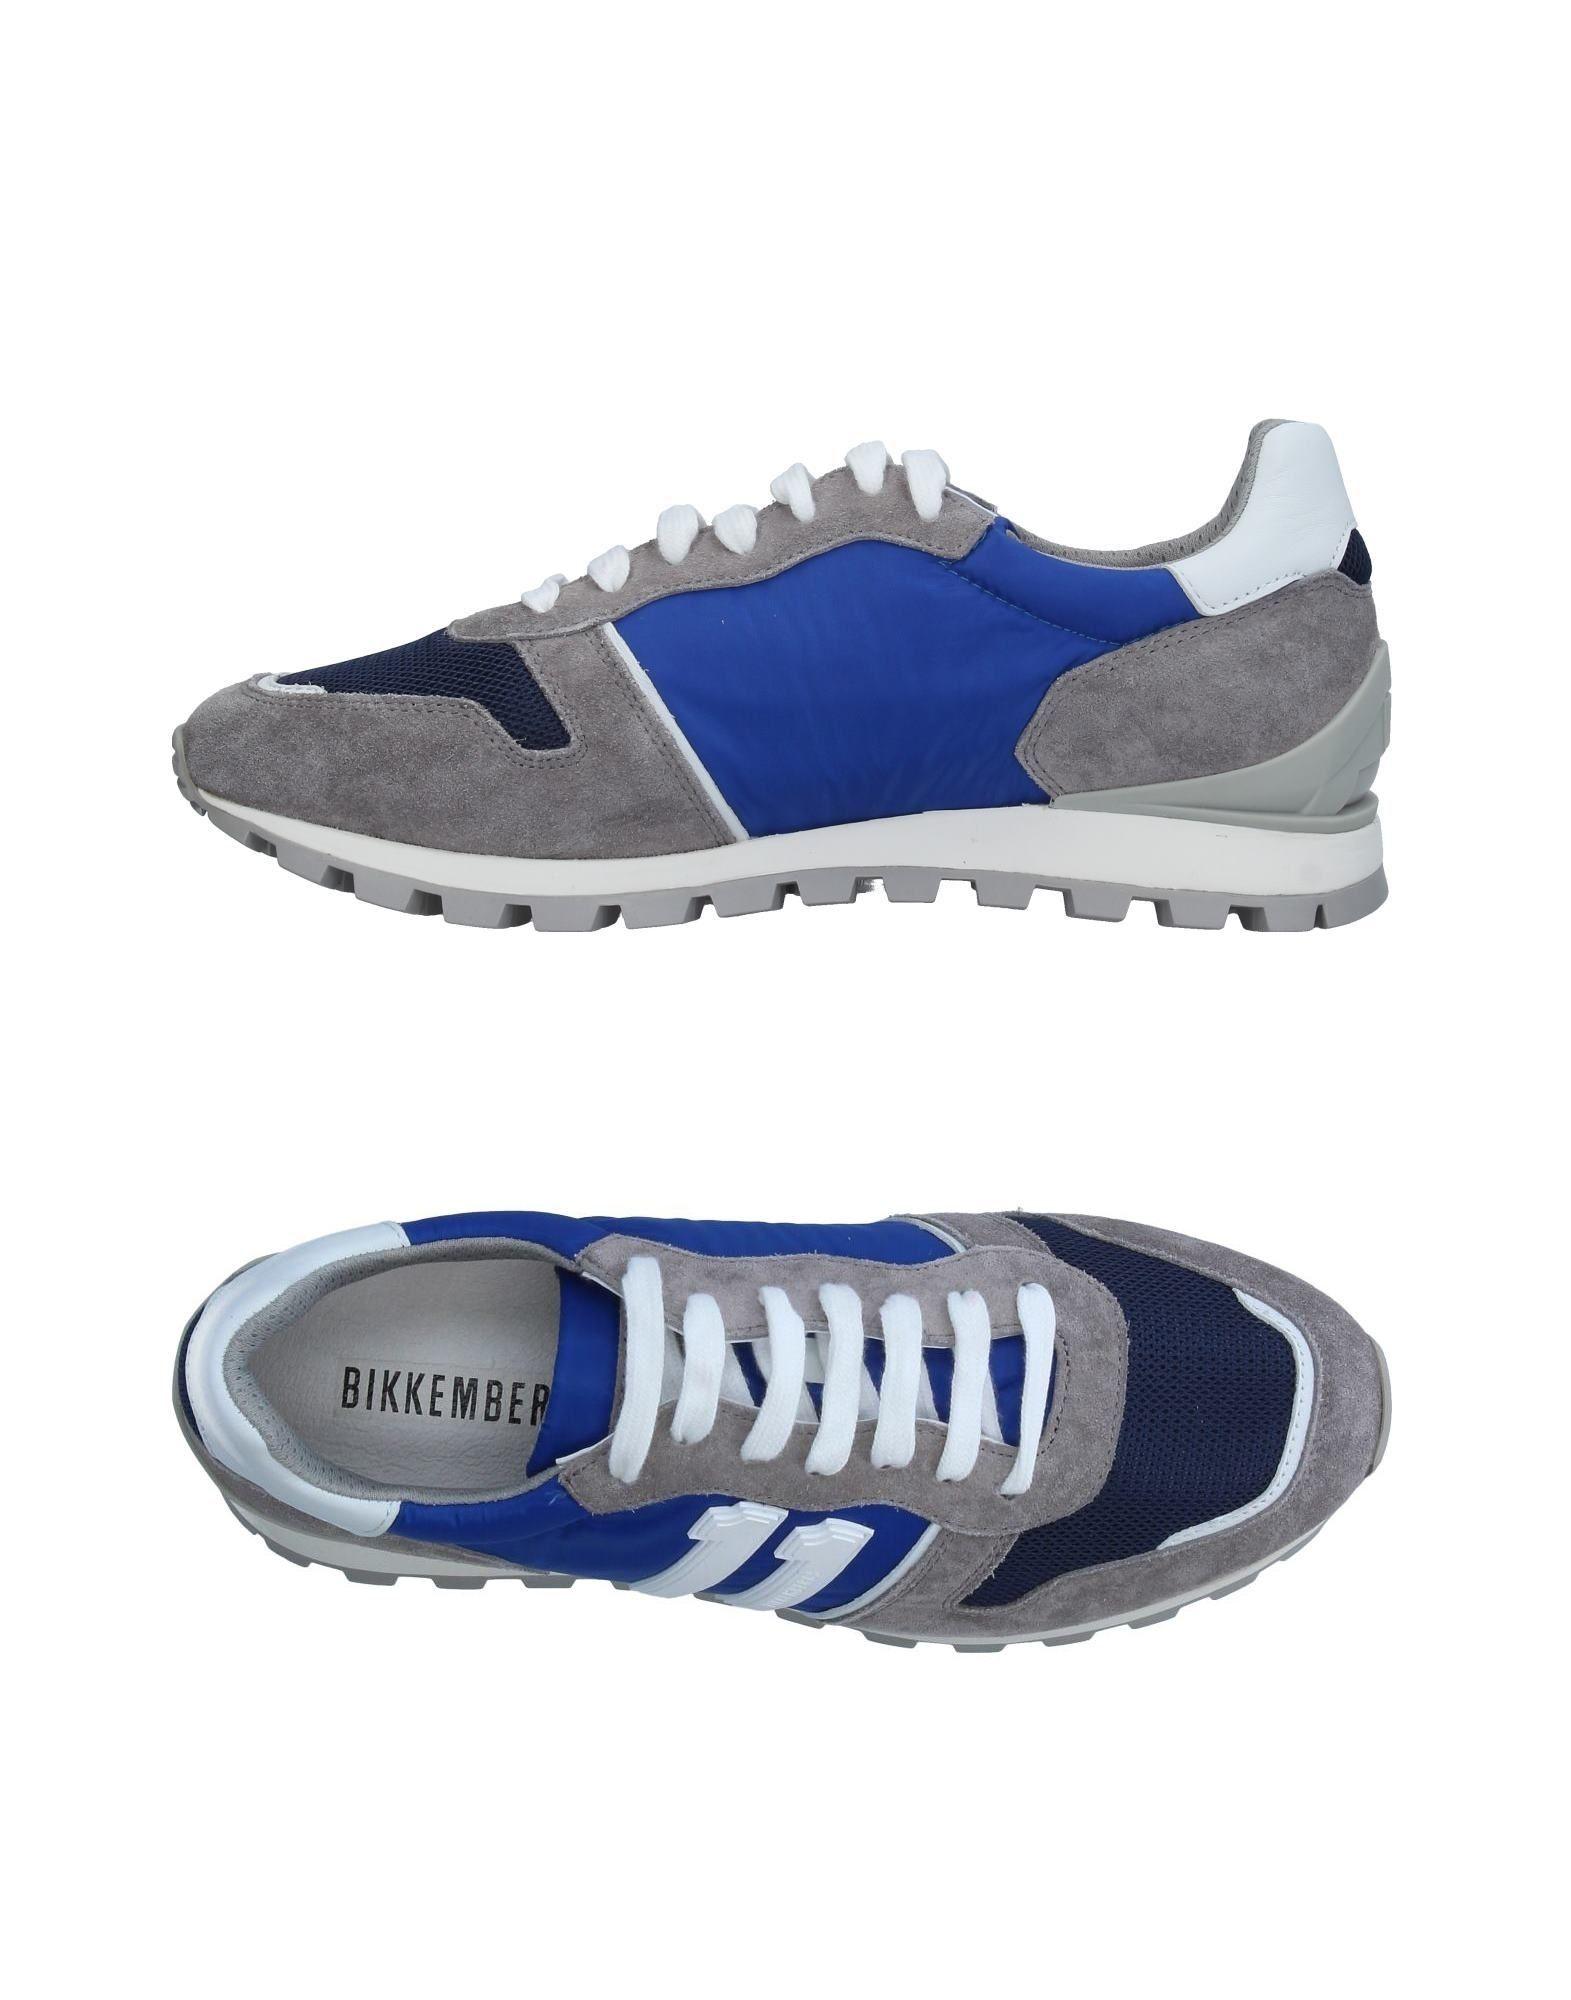 Moda Sneakers Sneakers Moda Bikkembergs Uomo - 11326235KF dc9e2d